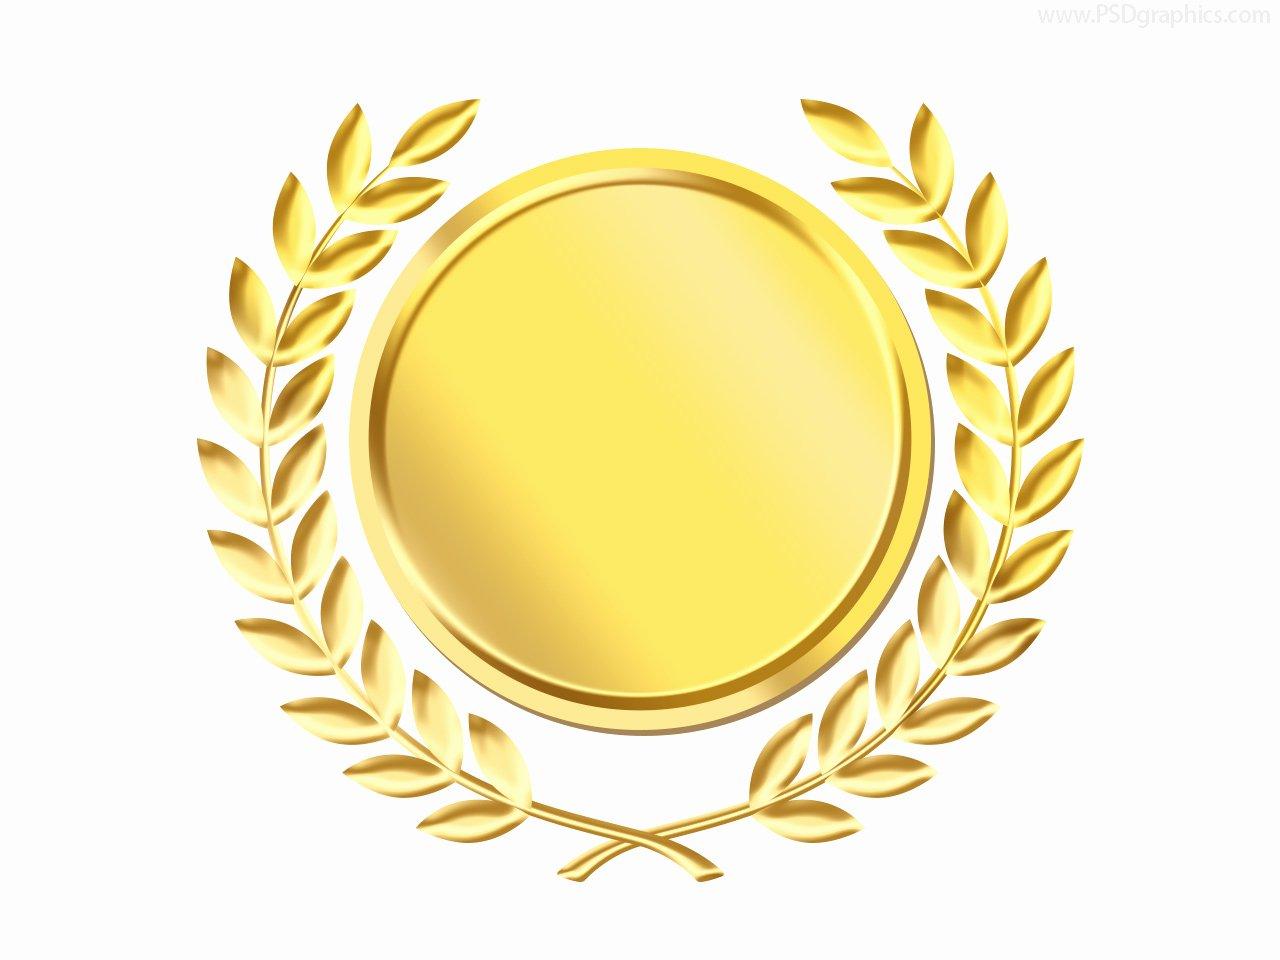 Free Printable Award Ribbons Lovely 19 Award Ribbon Psd Templates Gold Medal Ribbon